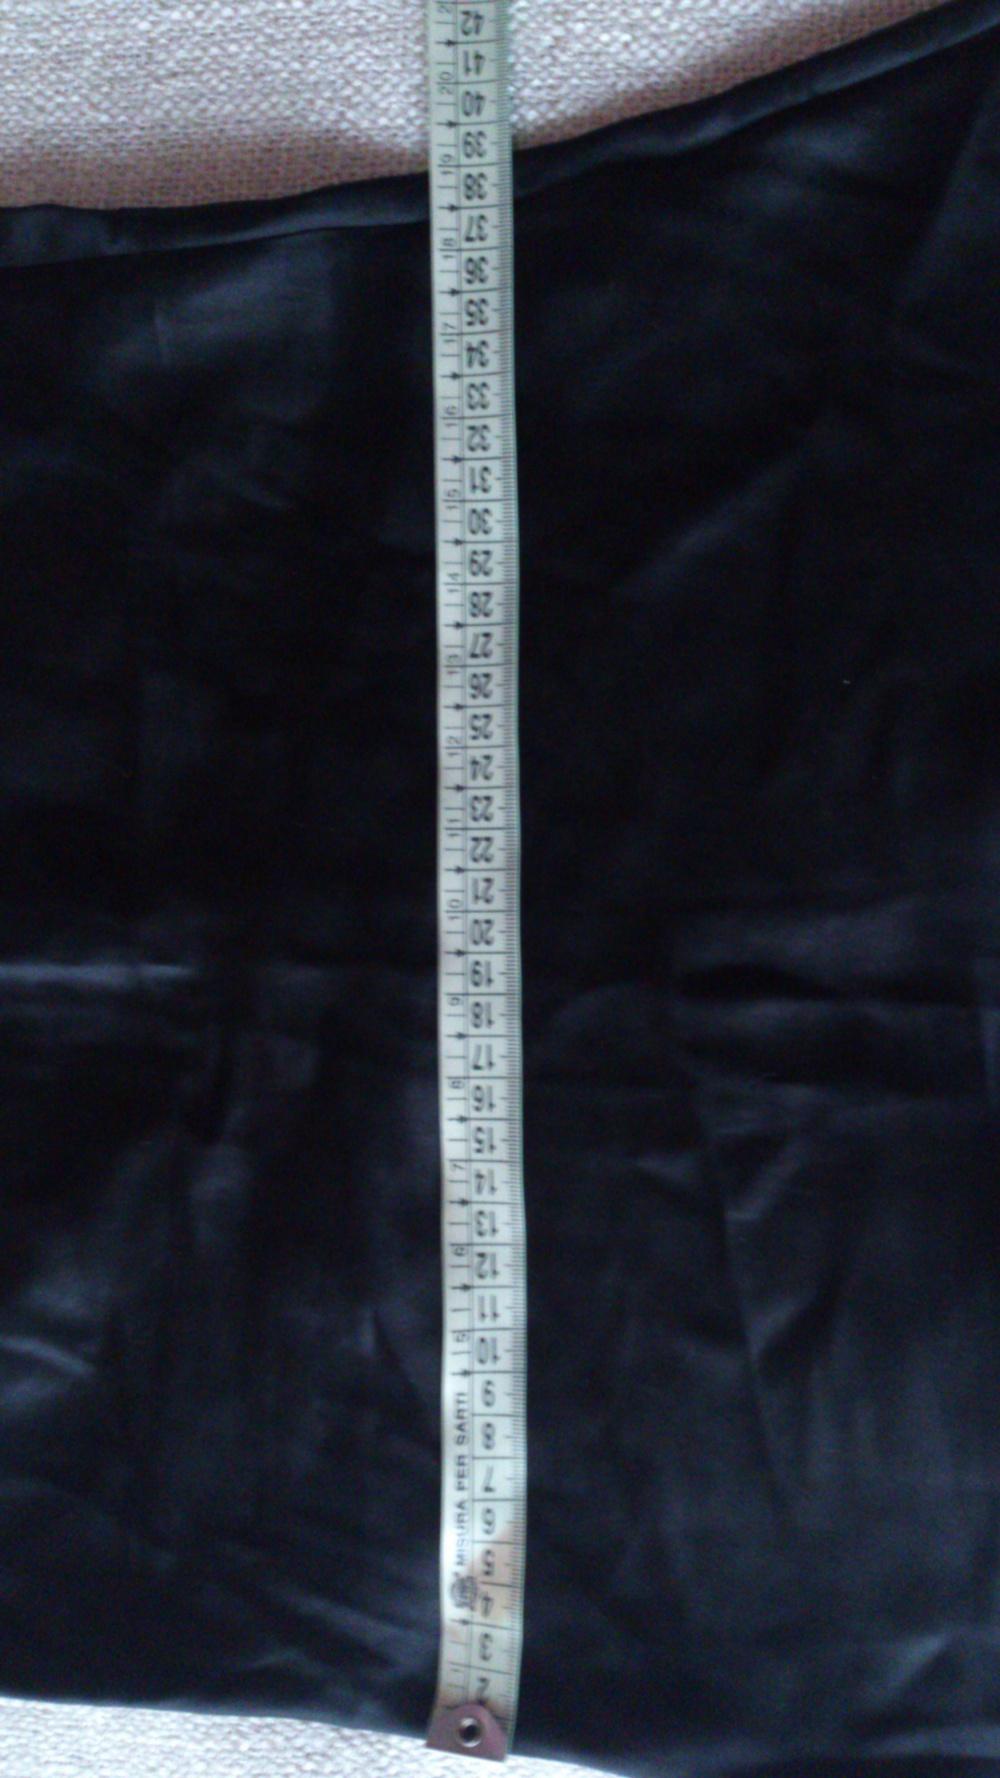 Топ APRIORI  шелковый черный, размер 34 (нем) = 38-40 (рос), Германия